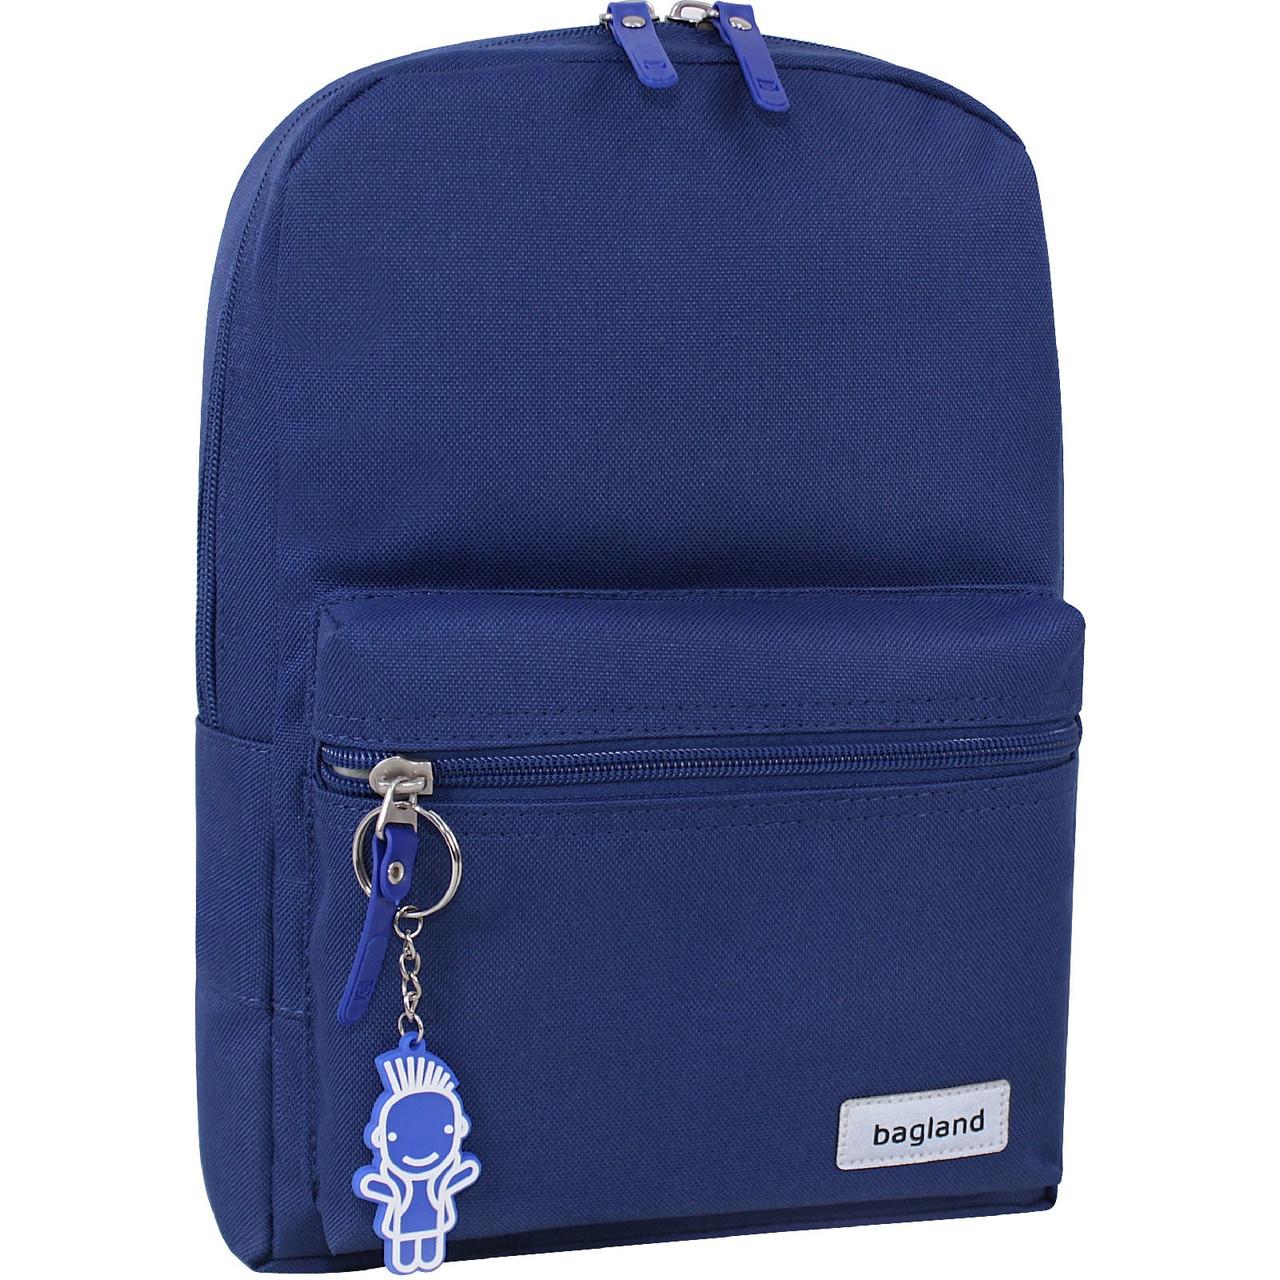 Рюкзак Bagland Молодіжний mini 8 л. синій (0050866)